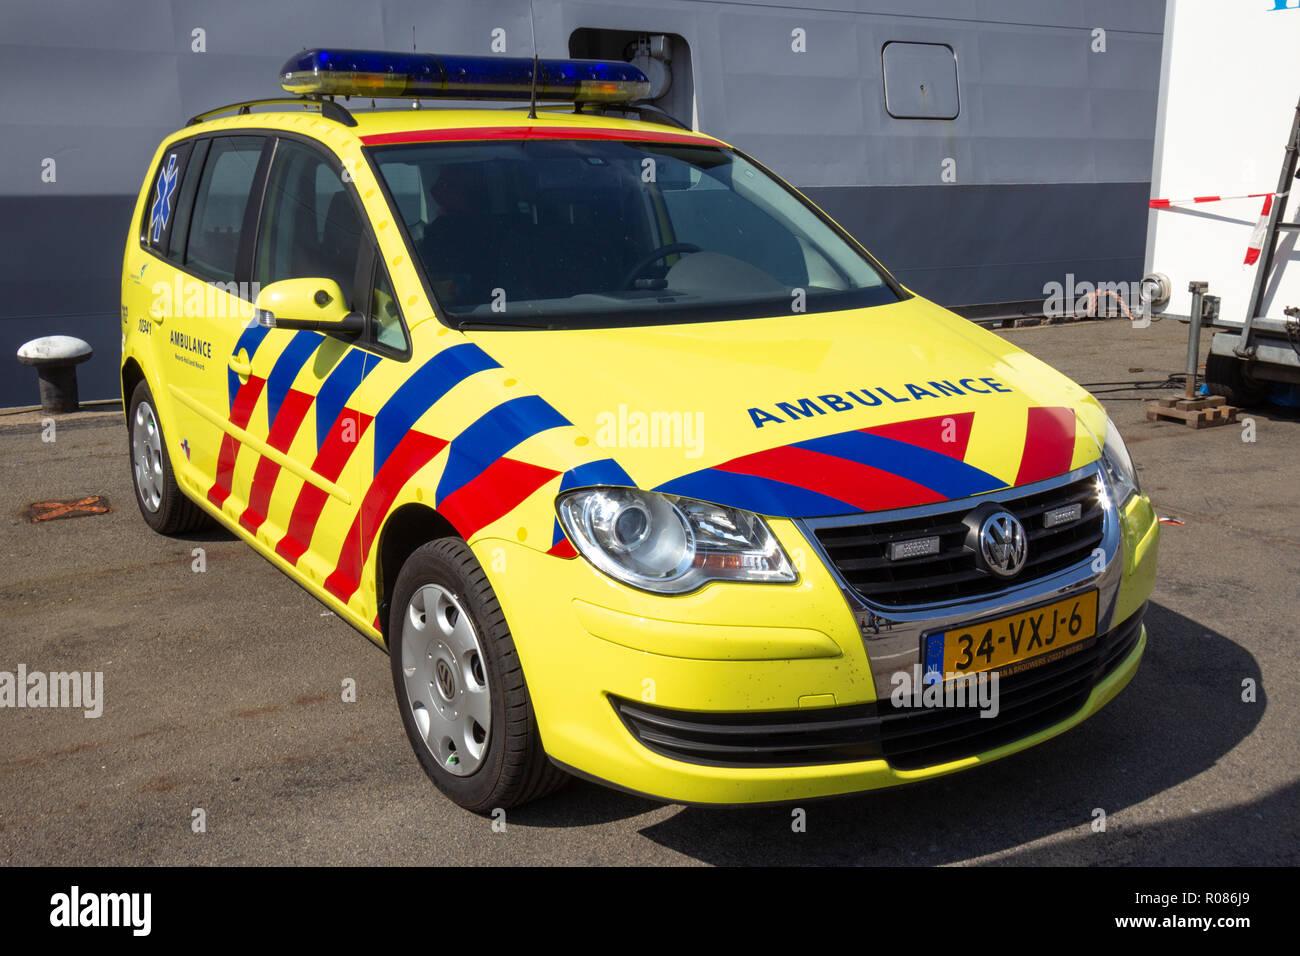 Garage Den Helder : Den helder the netherlands jul 7 2012: volkwagen touran